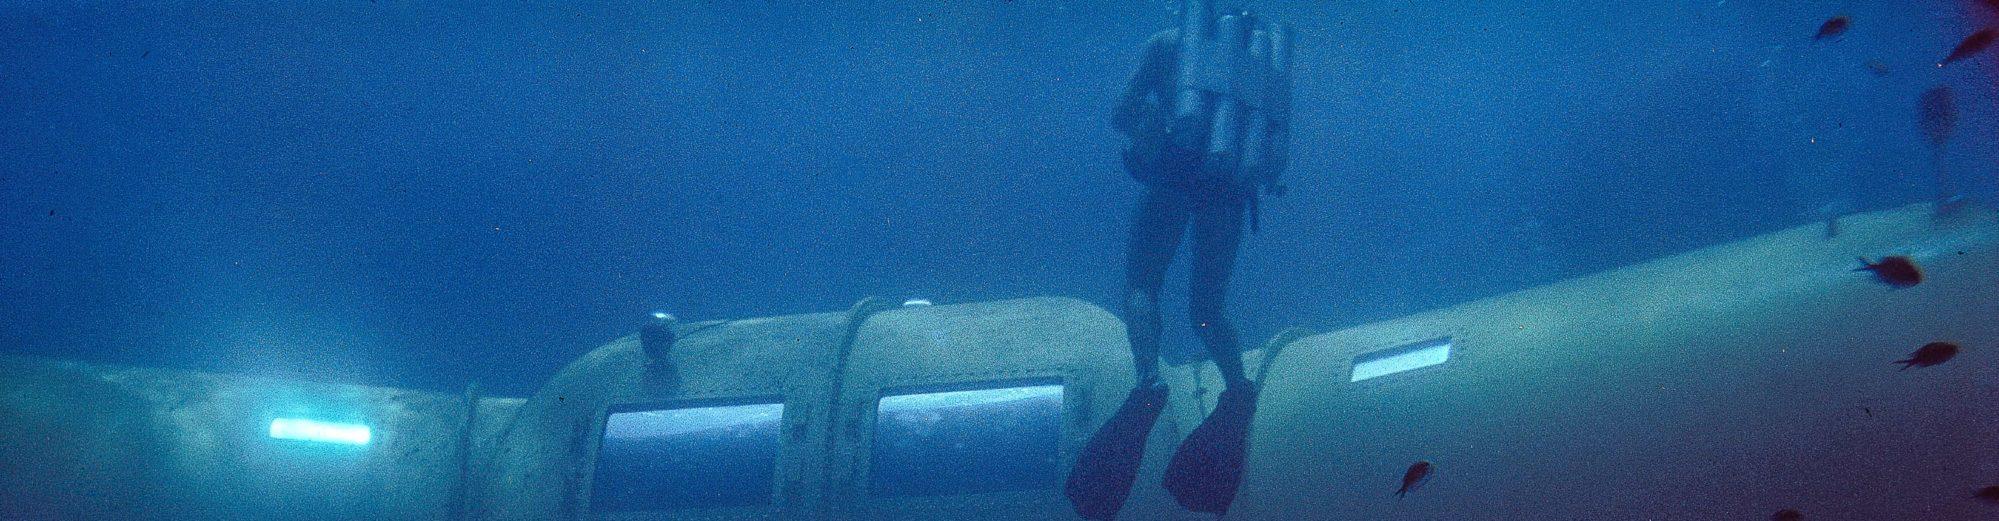 Habiter et construire sous la mer |HCSM|